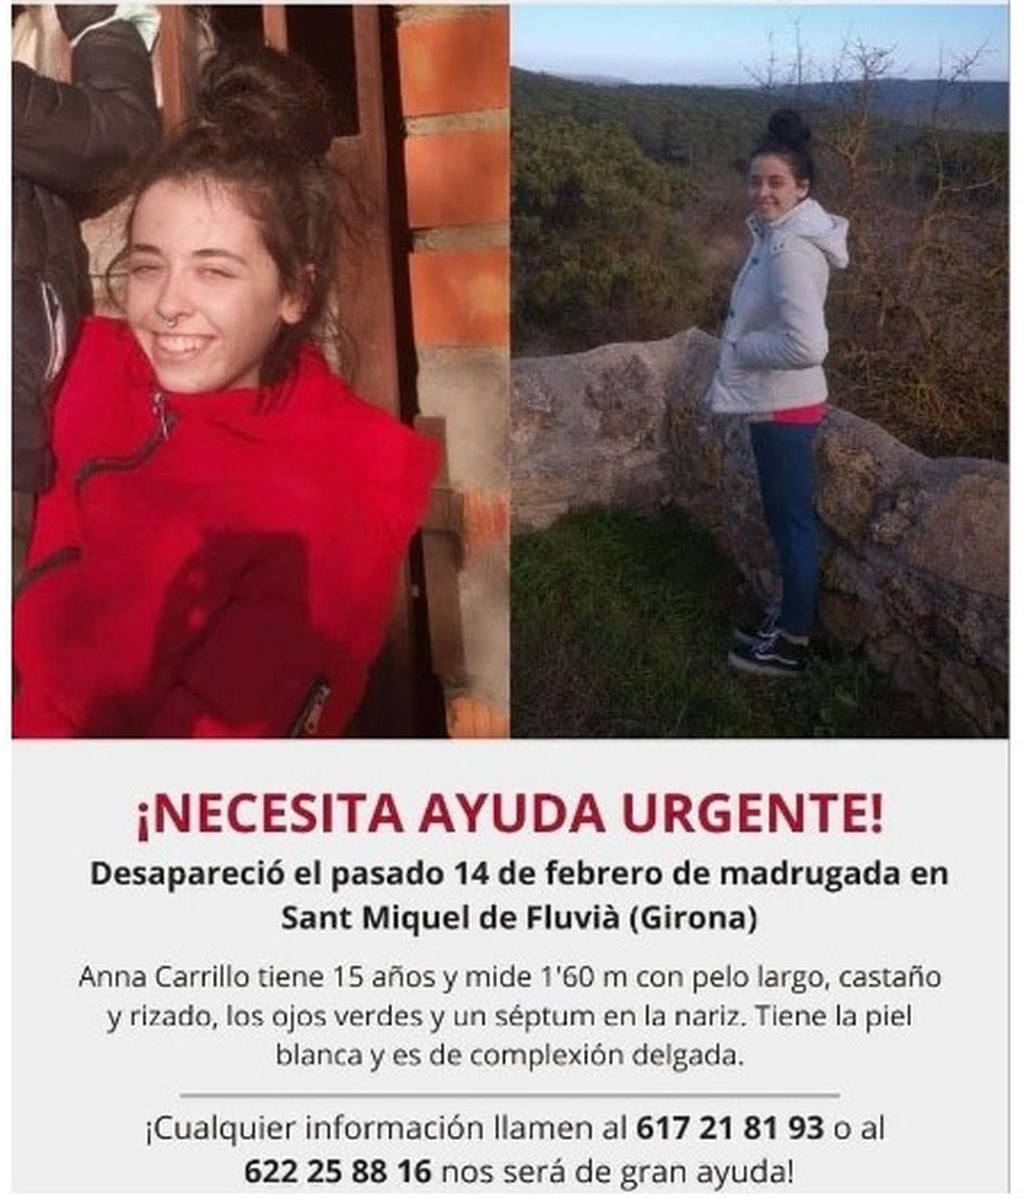 Buscan a Anna, una menor desaparecida en Sant Miquel de Fluvià